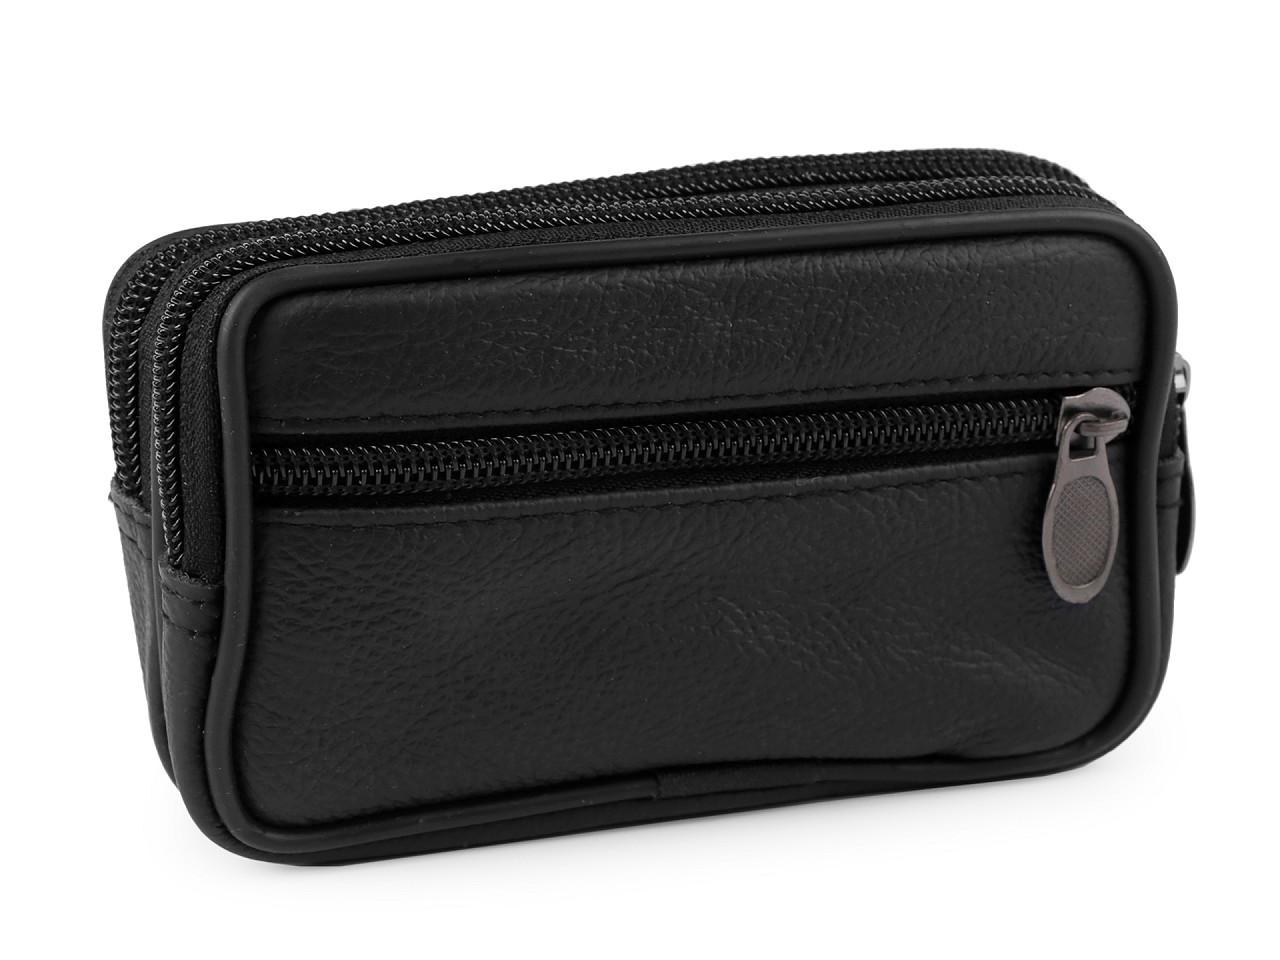 Pánské pouzdro / peněženka na opasek na mobil / doklady, kožené 10x17 cm, barva 3 (9x14 cm) černá